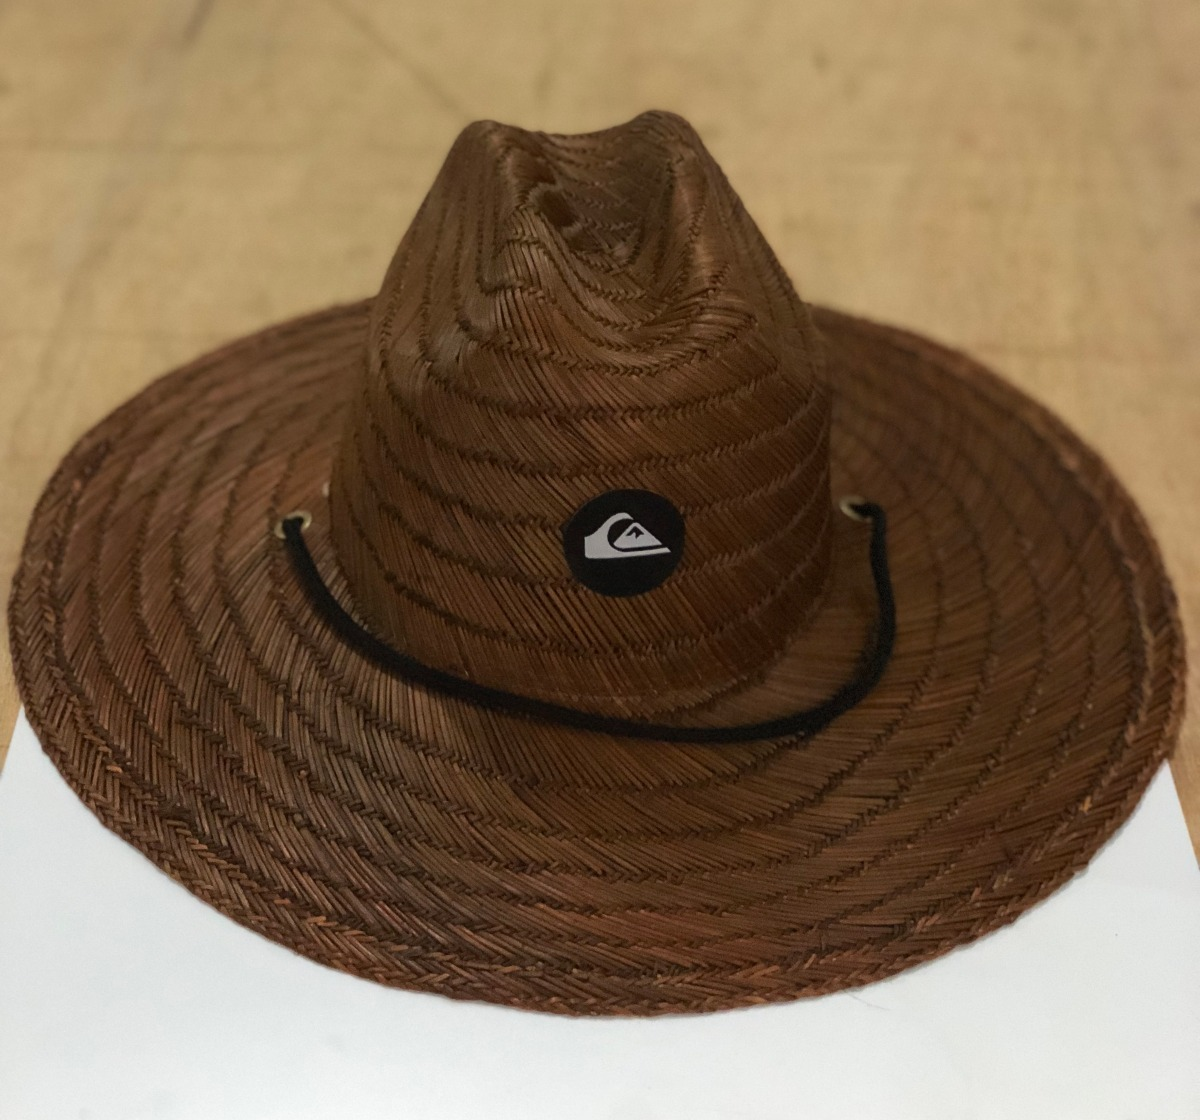 chapéu palha quiksilver pierside original - novo. Carregando zoom. 2954799033d